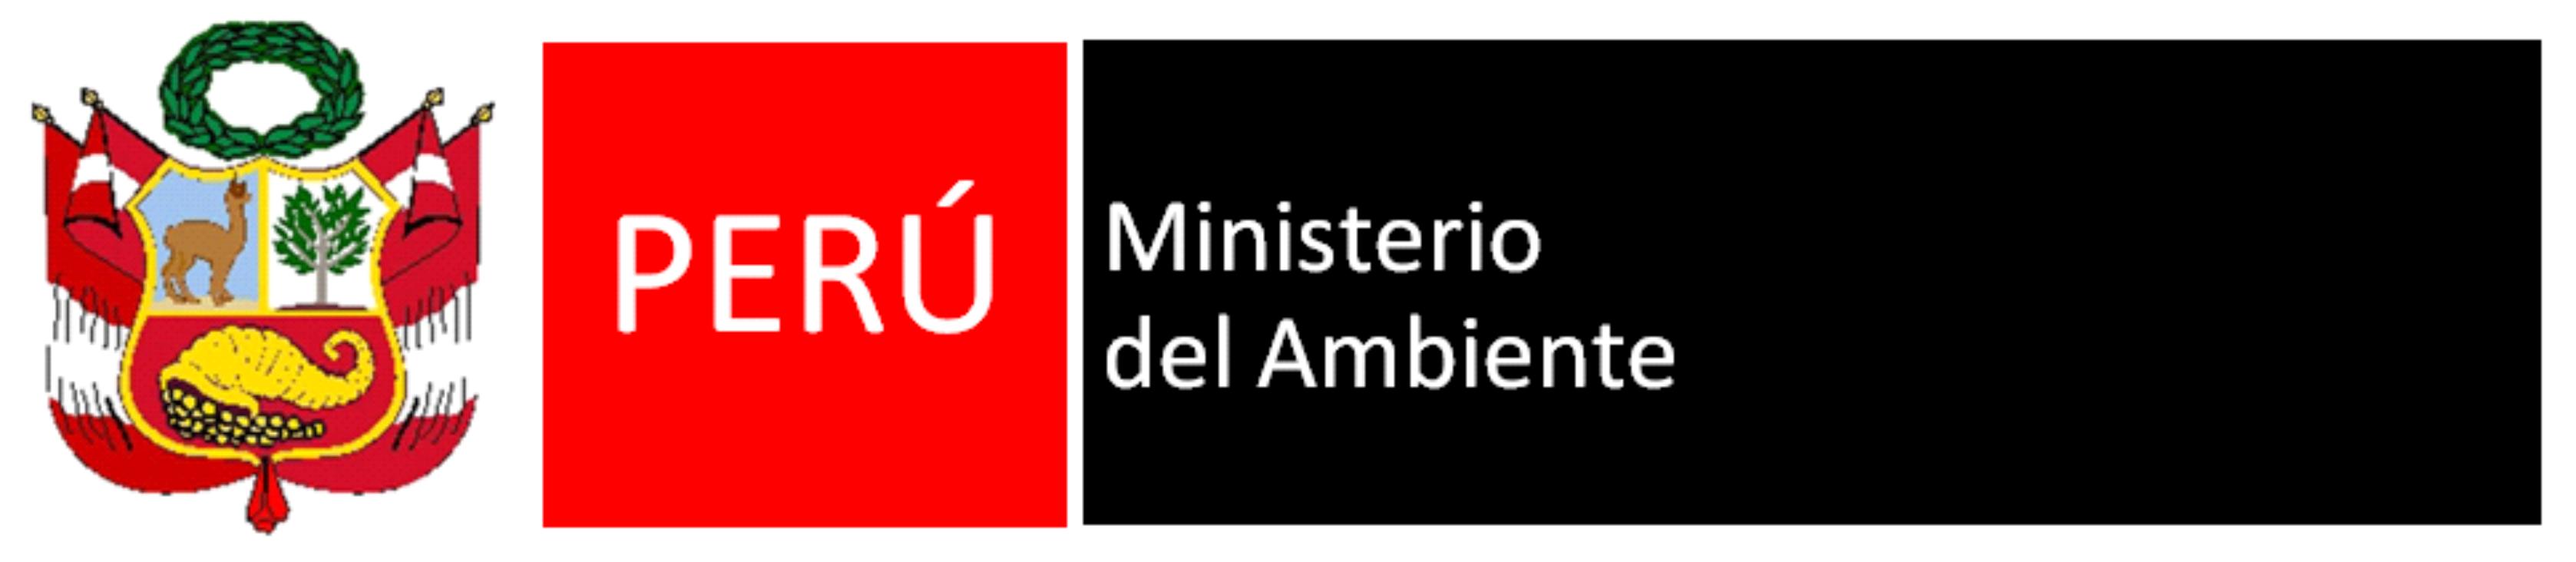 Ministerio del Ambiente Peru